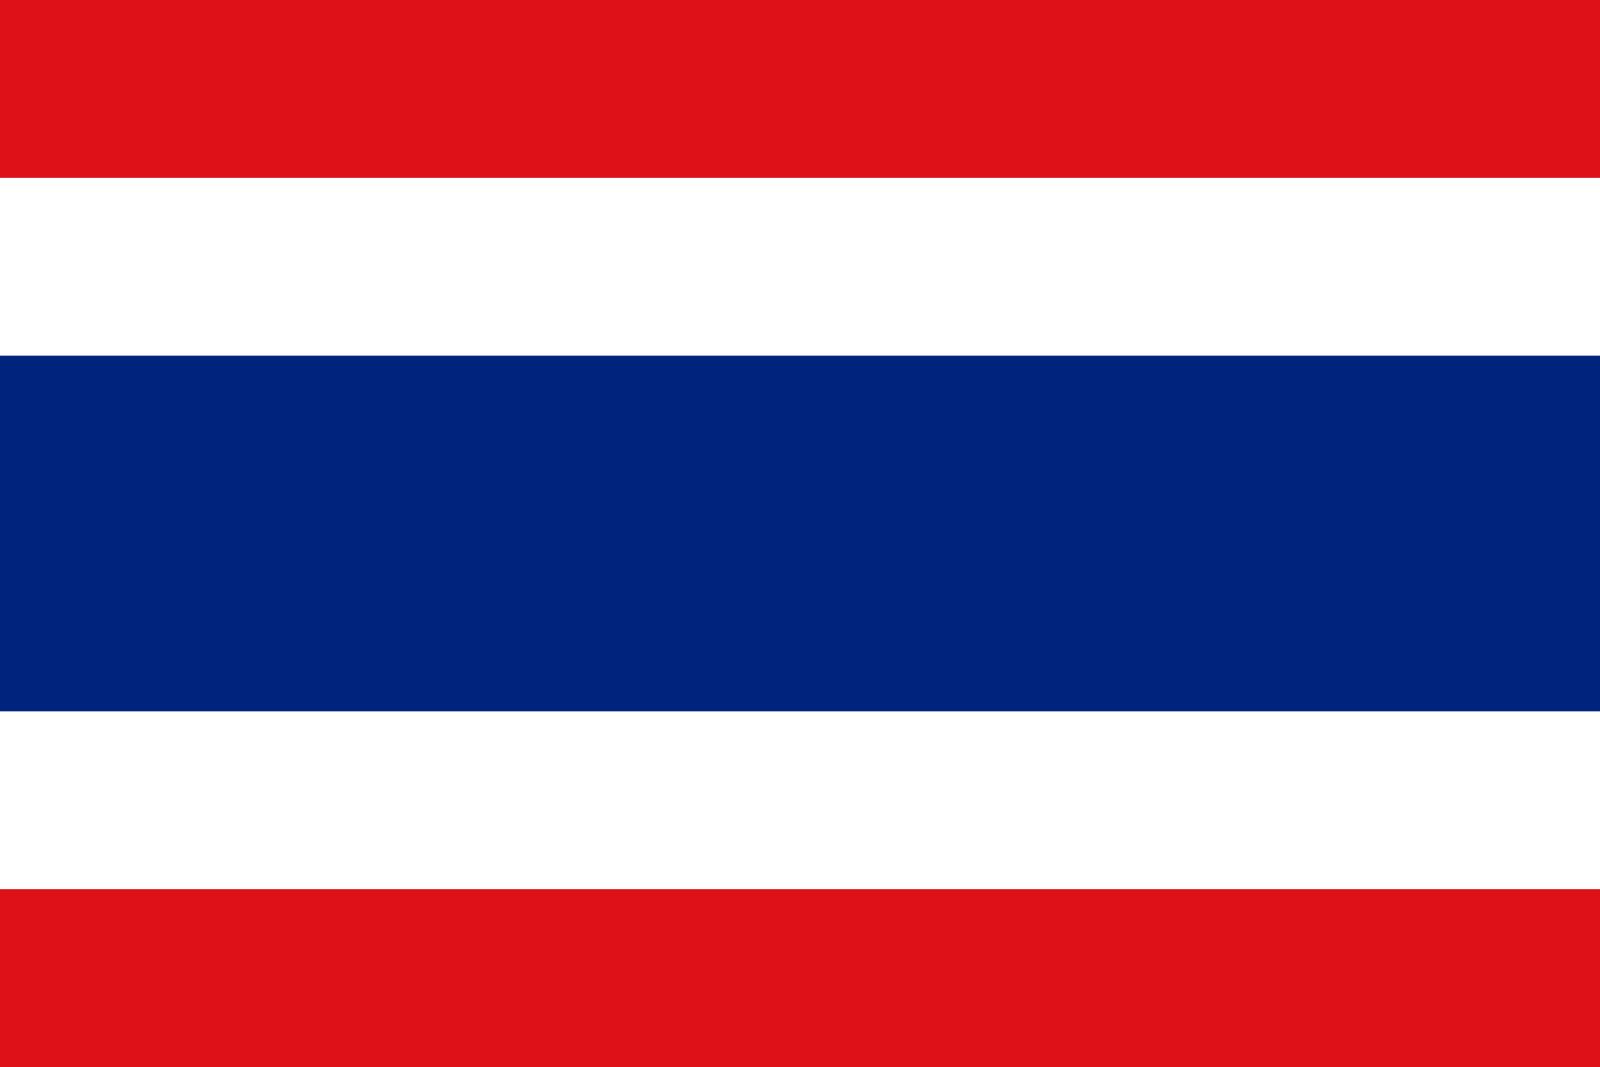 Ais von thailand nach deutschland telefonieren